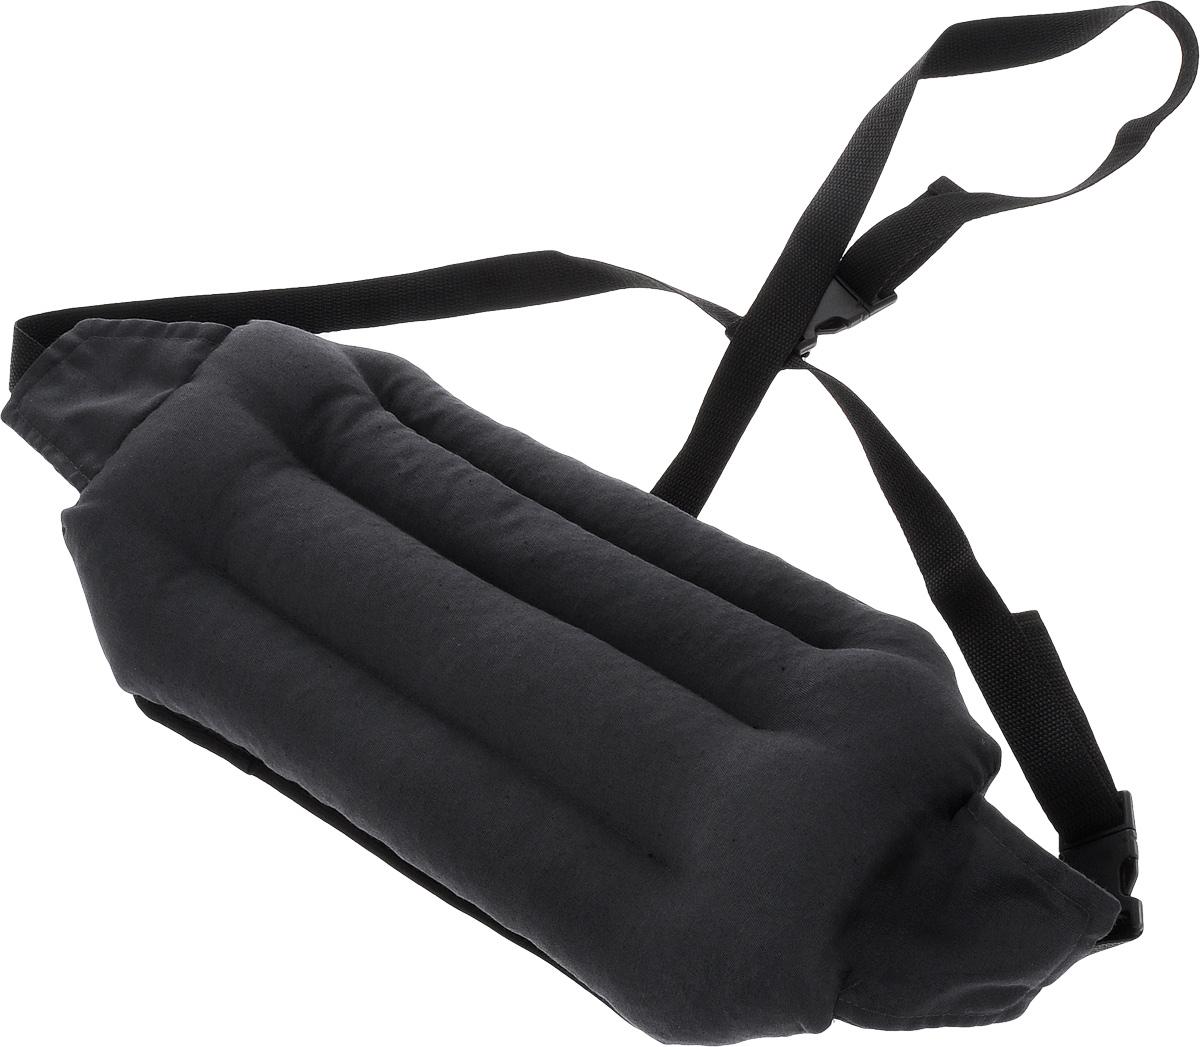 Подушка под спину Smart Textile Офис, наполнитель: лузга гречихи, 40 х 20 смT511Подушка под спину Smart Textile Офис предназначена для людей, которыемноговремени проводят сидя на стуле или офисном кресле. Конструкция подушкивыполнена таким образом, чтобы поясничная зона чувствовала себямаксимальнокомфортно. Поддерживается естественный изгиб позвоночника, чтоспособствует профилактике остеохондроза, уменьшается боль в пояснице.Можнорегулировать объем подушки, подгоняя ее под свои анатомические изгибыпоясницы. Удобные завязки позволяют регулировать ее положение на любомкресле. Подушка заполнена лепестками гречишной лузги, которая обладает множествомполезных качеств: - Хорошо проветривается. - Предупреждает потение. - Поддерживает комфортную температуру. - Обминается по форме тела. - Обеспечивает микромассаж. - Улучшает кровообращение. - Исключает затечные явления. Подушка также будет полезна и дома - при работе за компьютером, школьникам- при выполнении домашних работ.Чехол подушки выполнен из смесовой ткани.